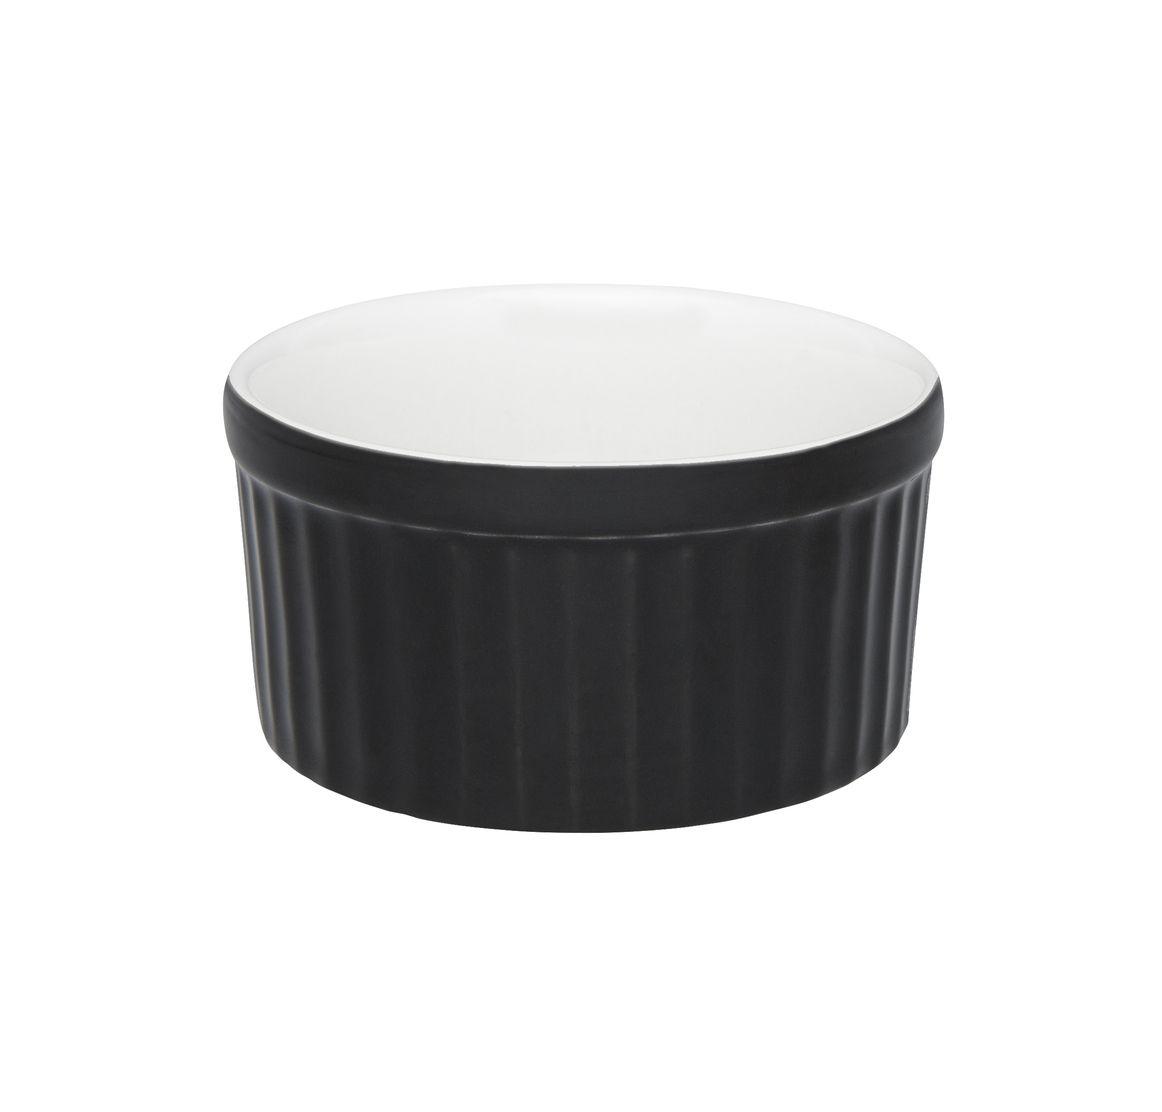 Tigela Ramequin 10X5Cm 180Ml - Branco/Preto - Oxford Cookware